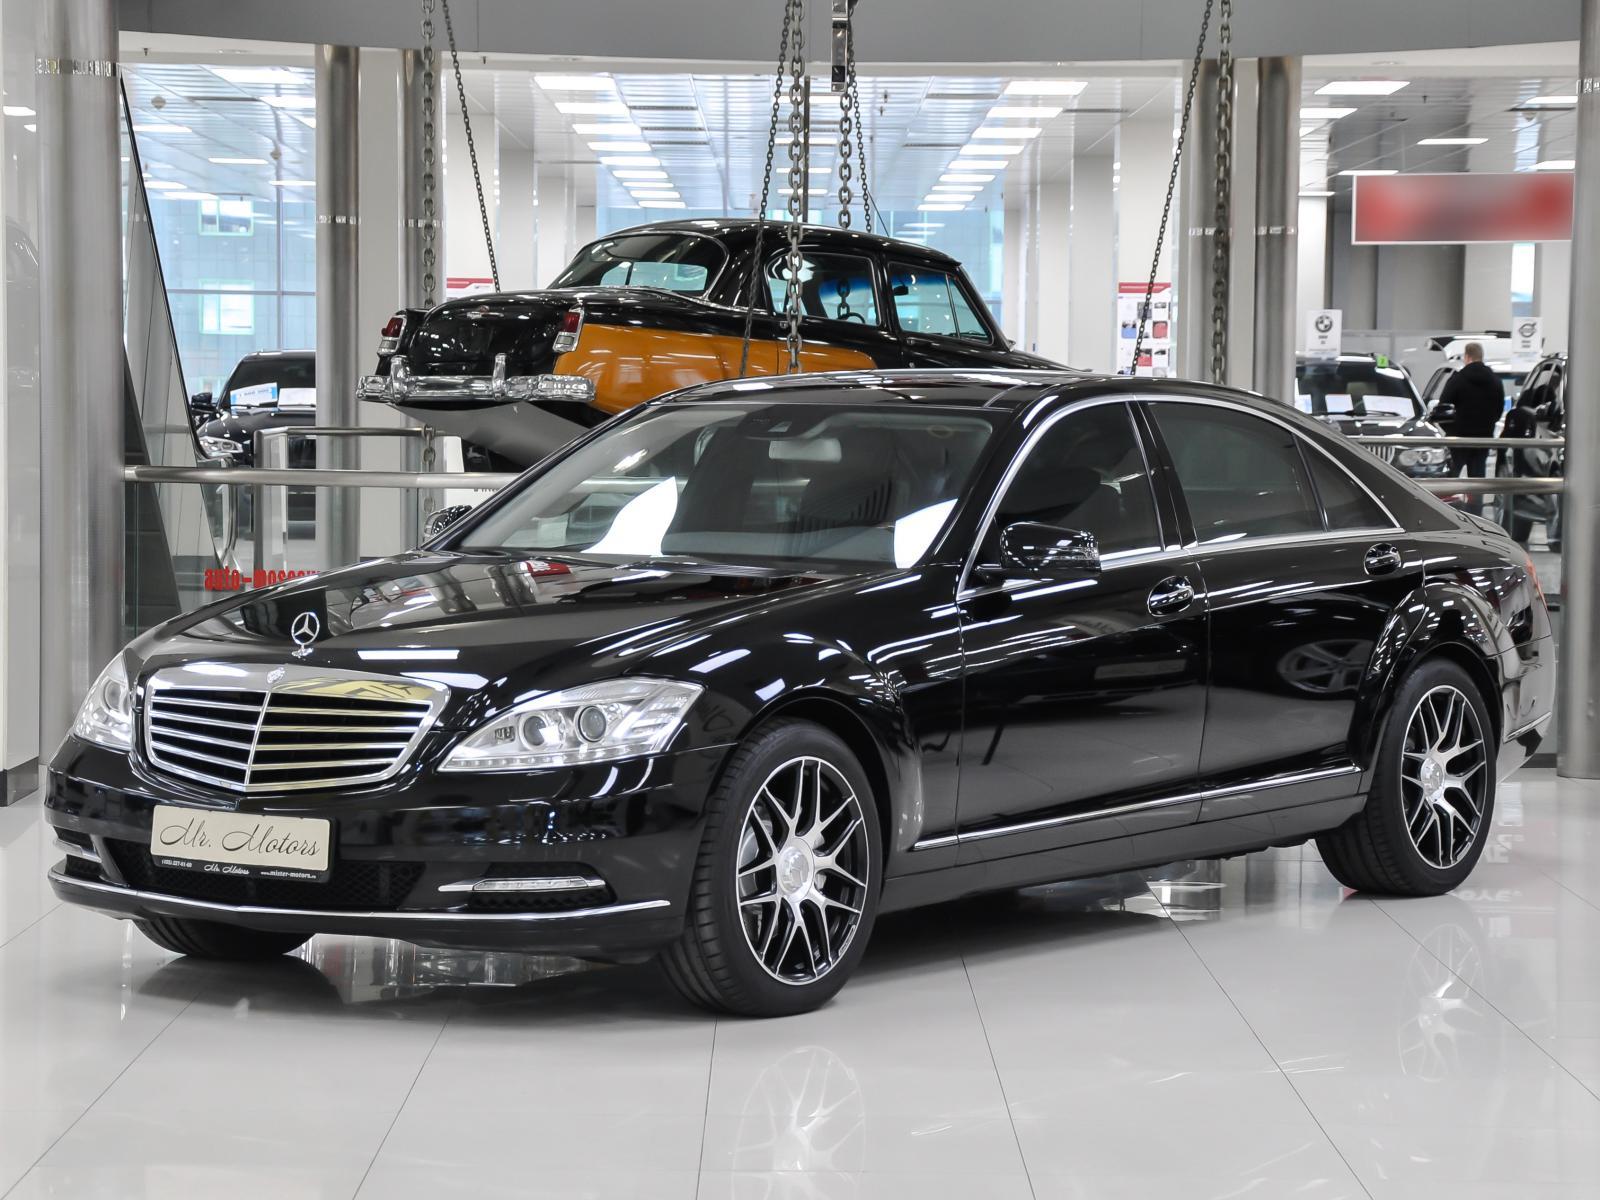 Mercedes-Benz S-Класс с пробегом в Москве. Автомобильная компания Mr.Motors